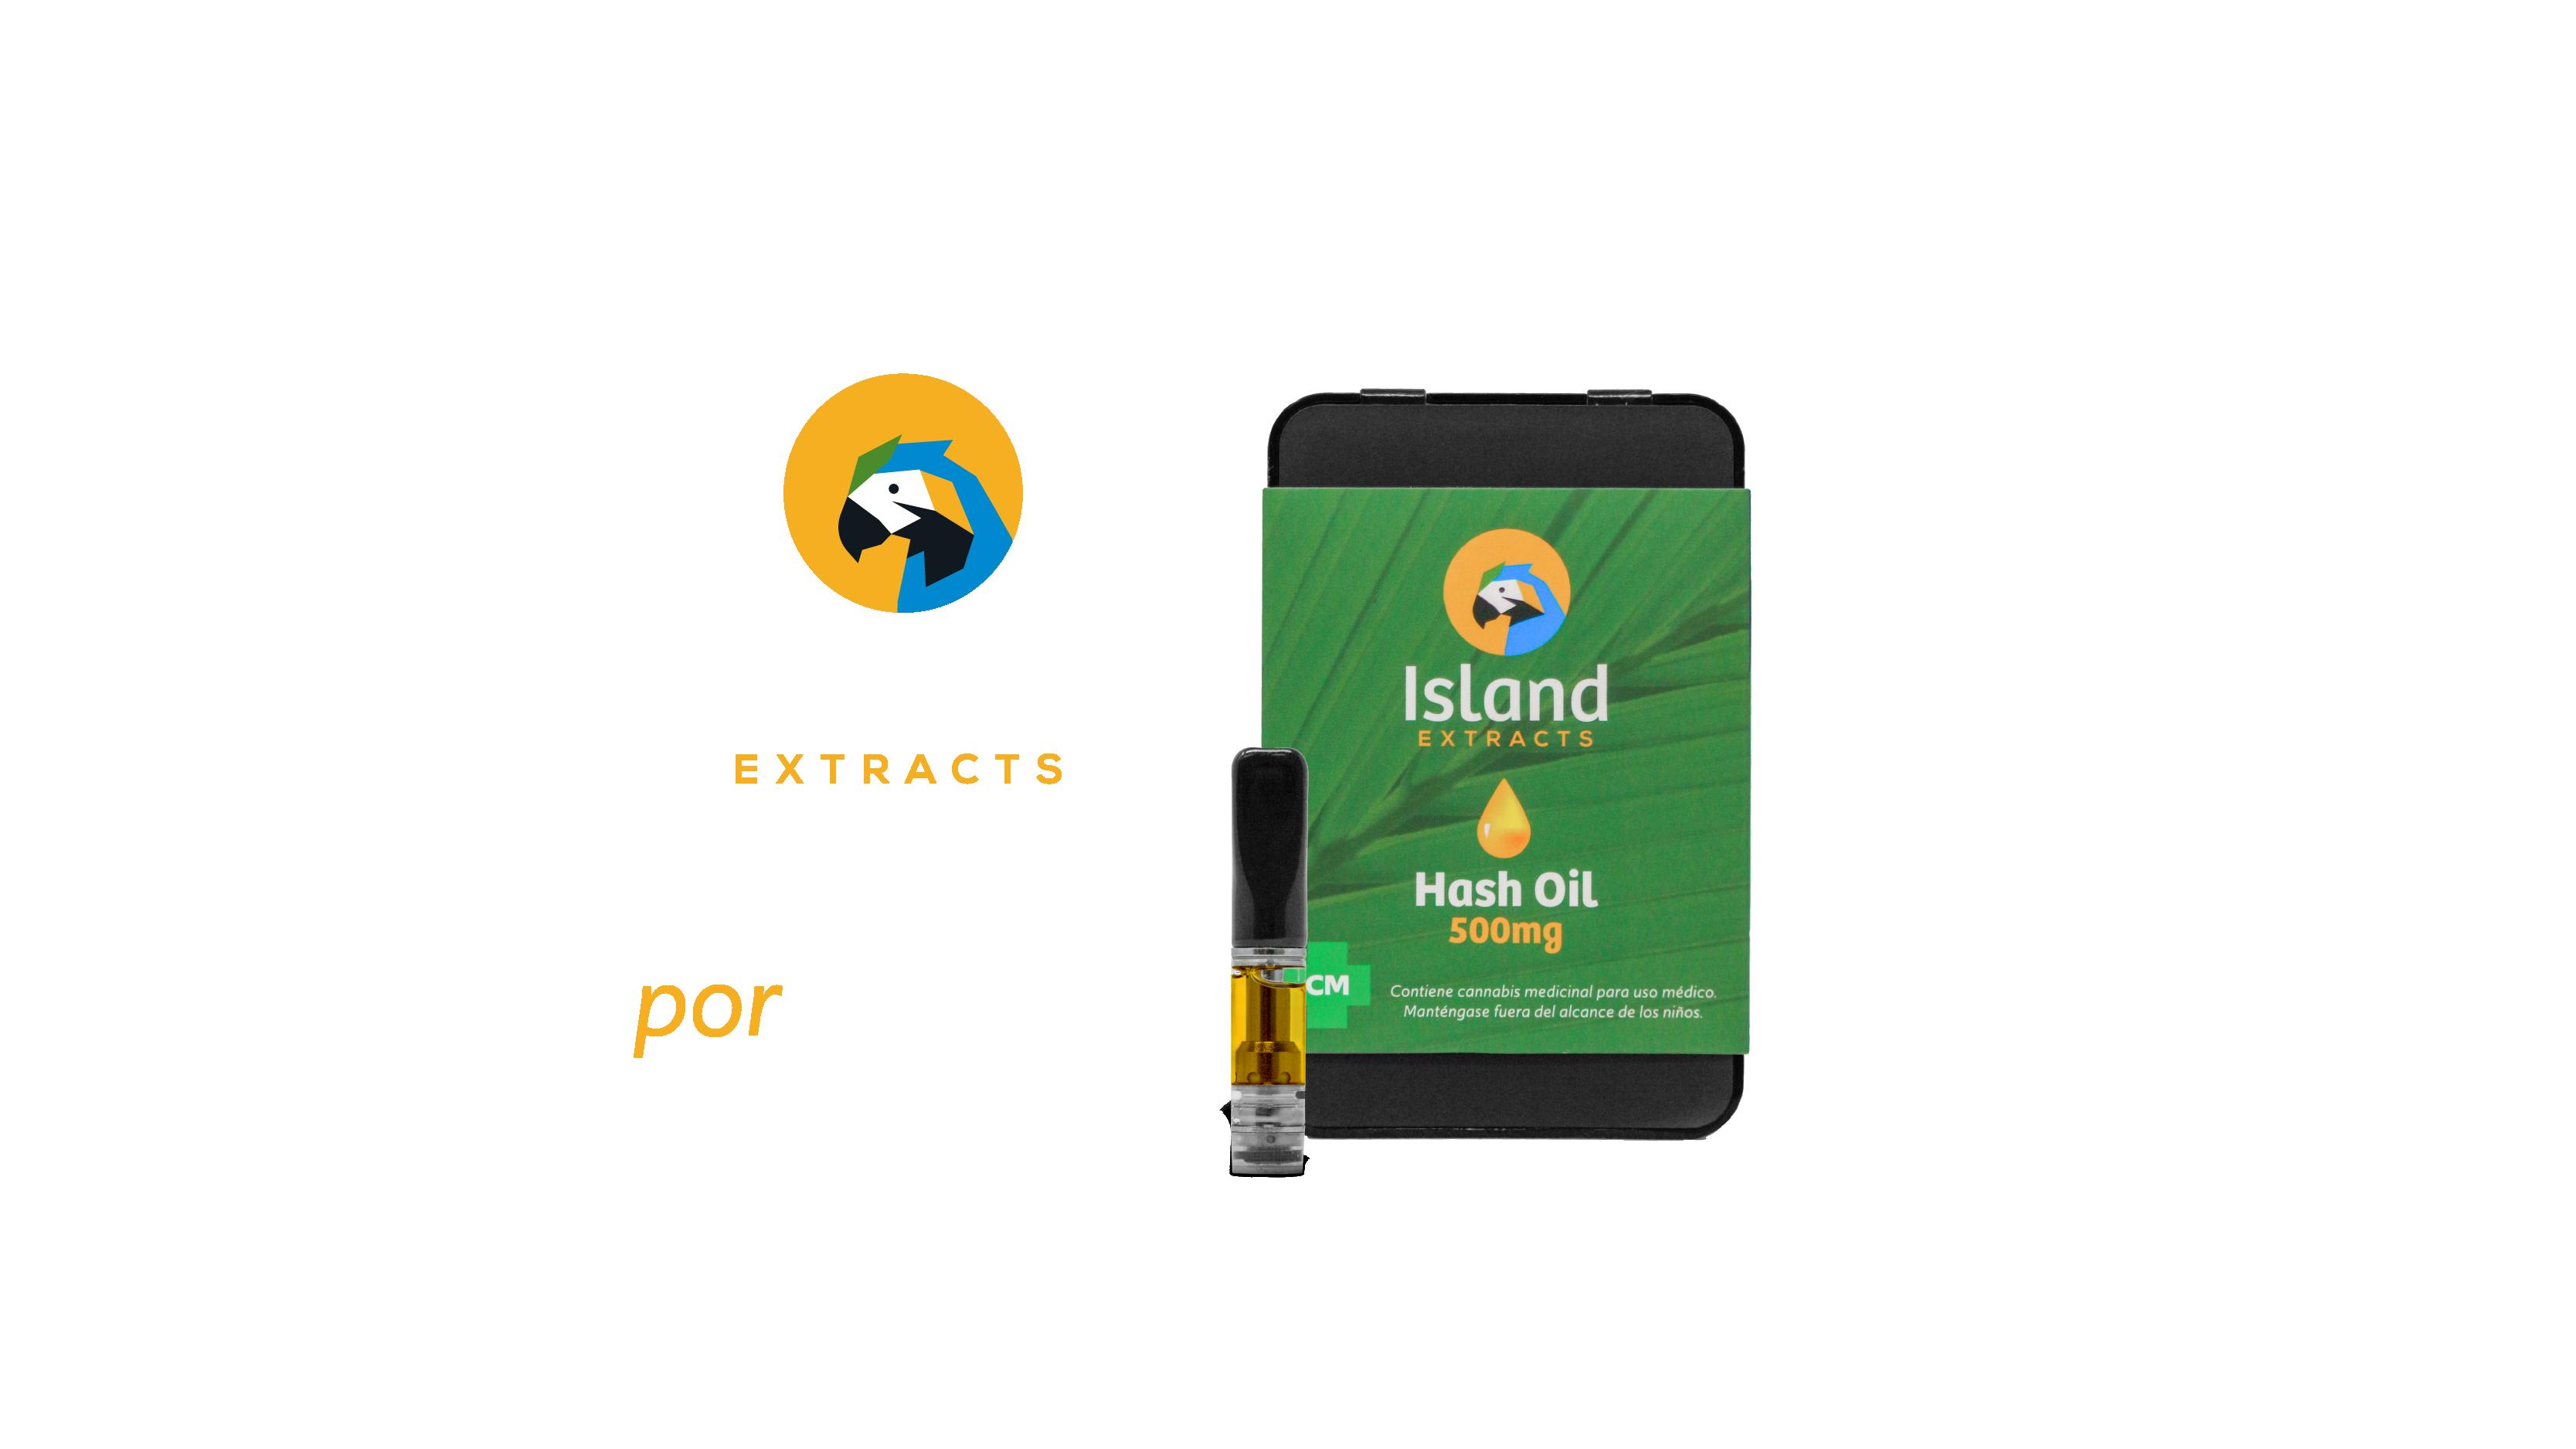 Web_1 Cartridge Island Extract